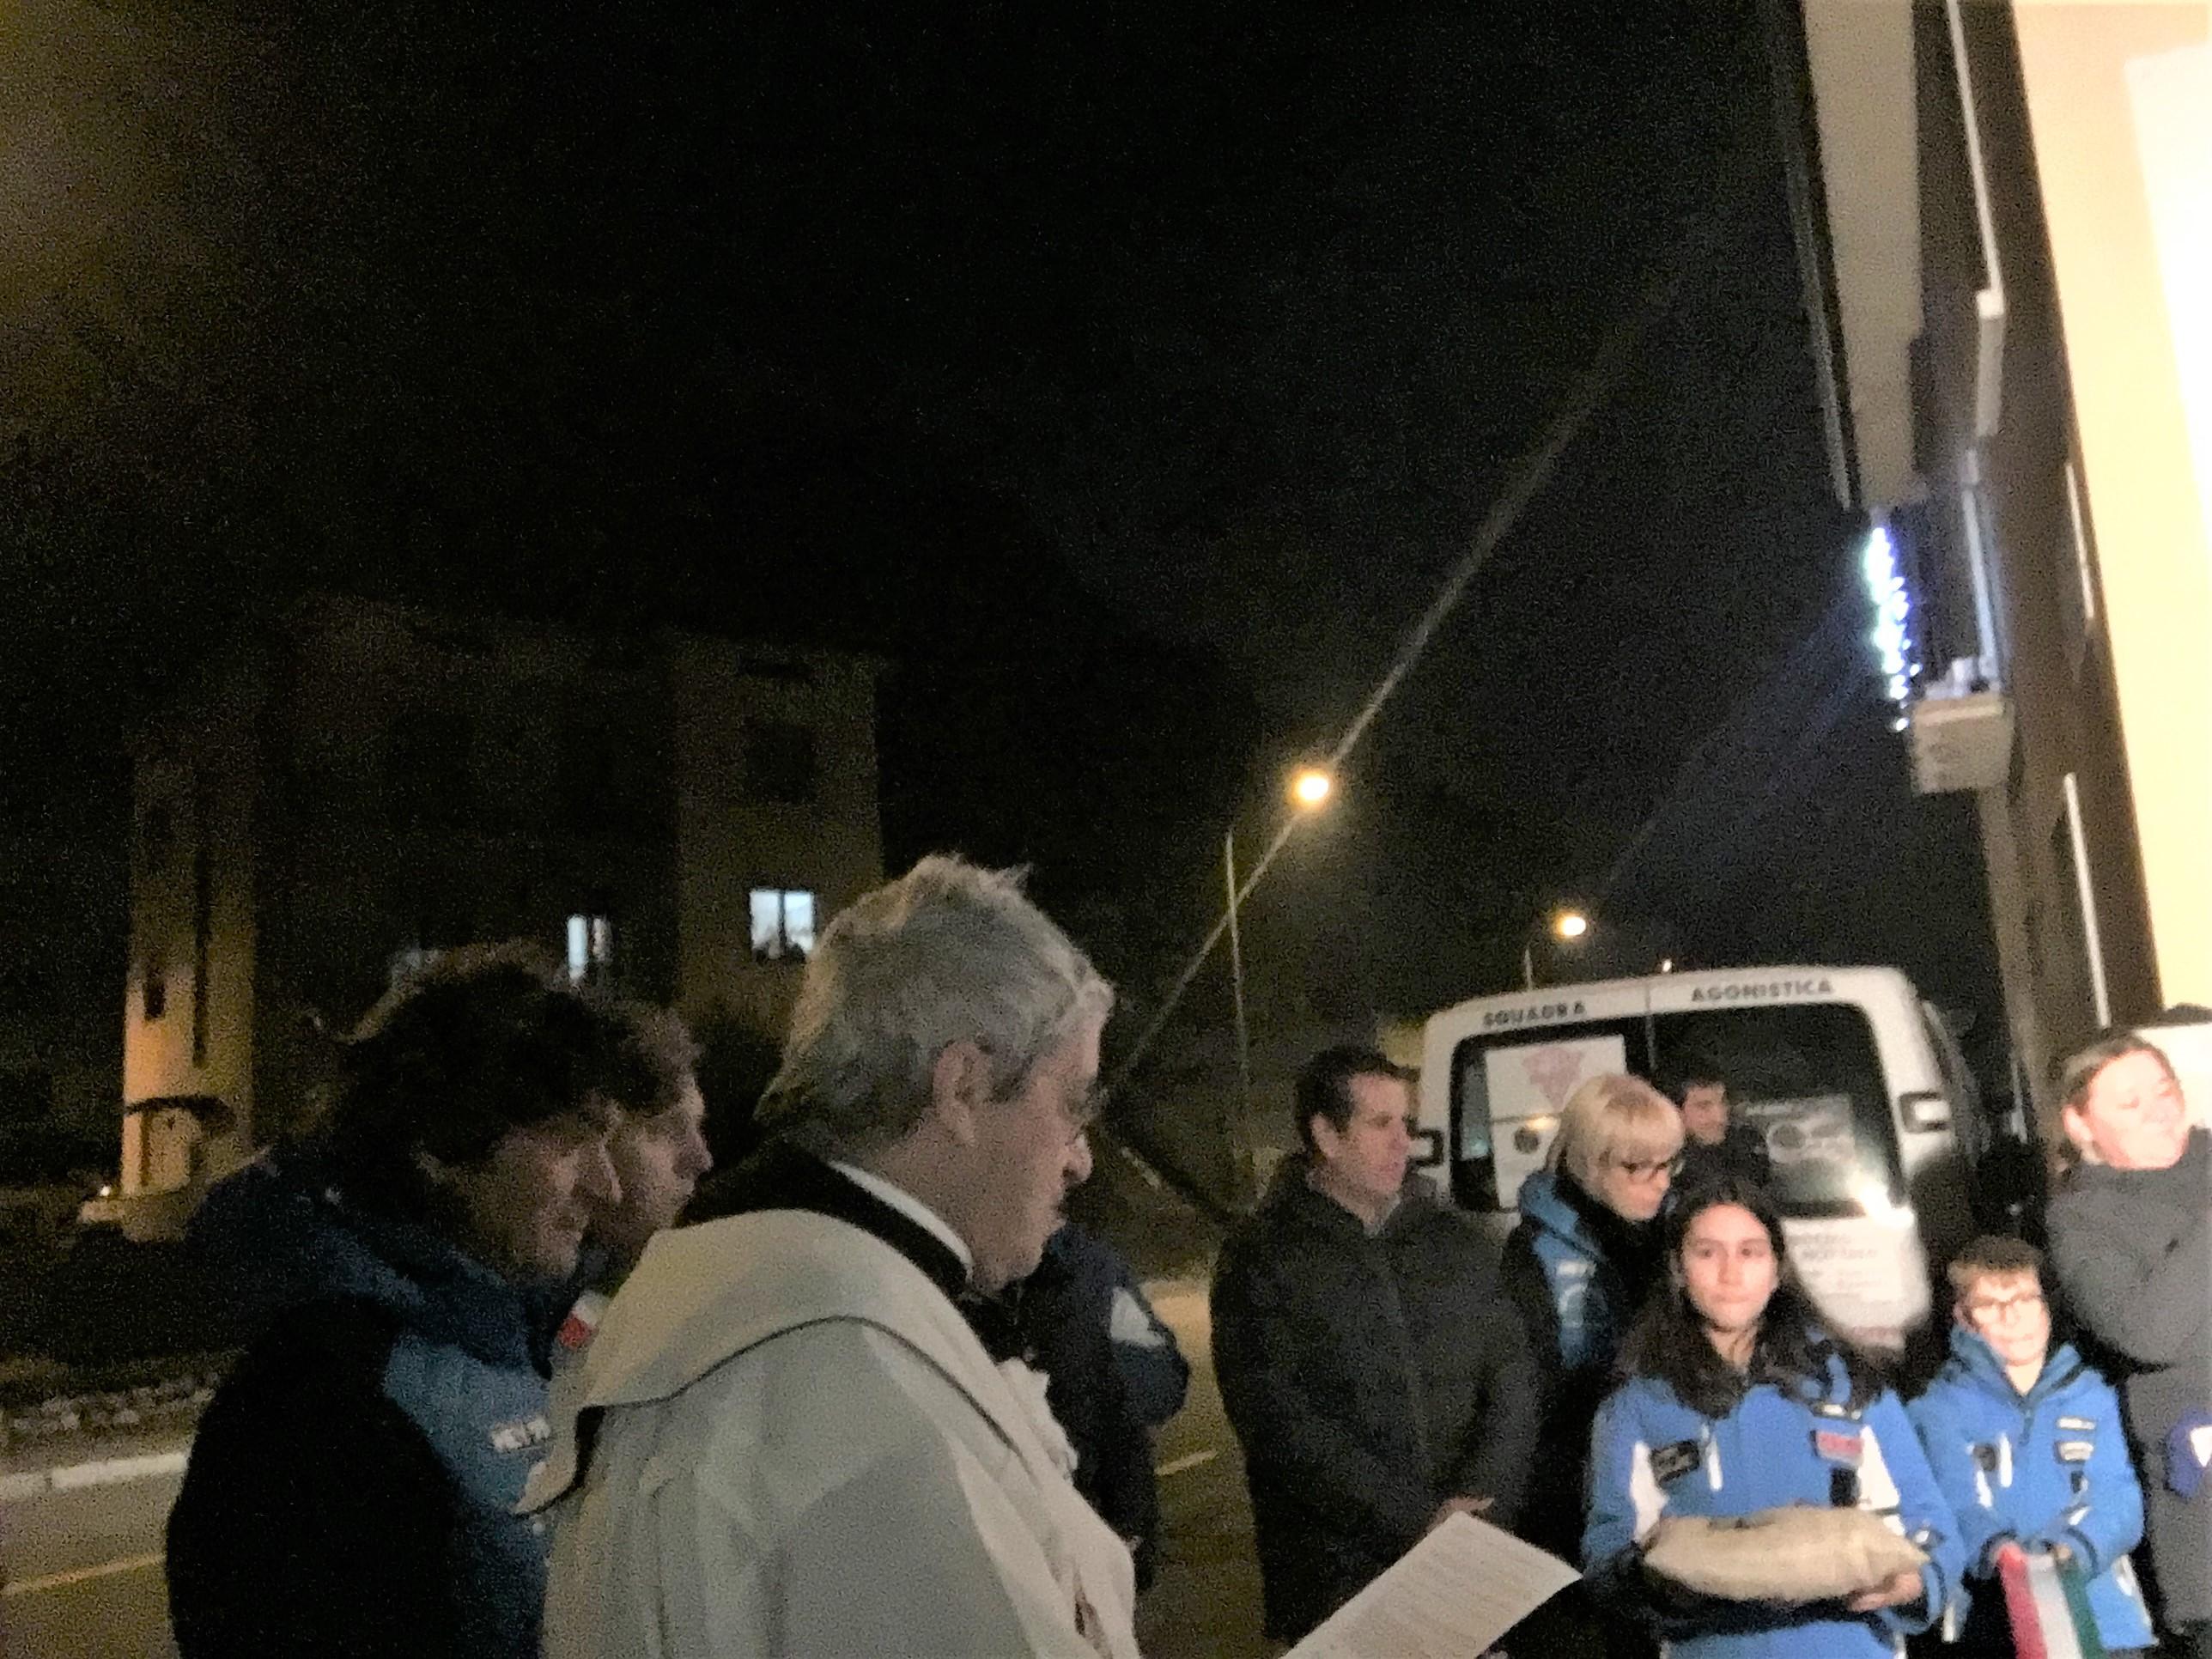 20.12.2018 - Inaugurazione Sede Sci club Zogno (9)